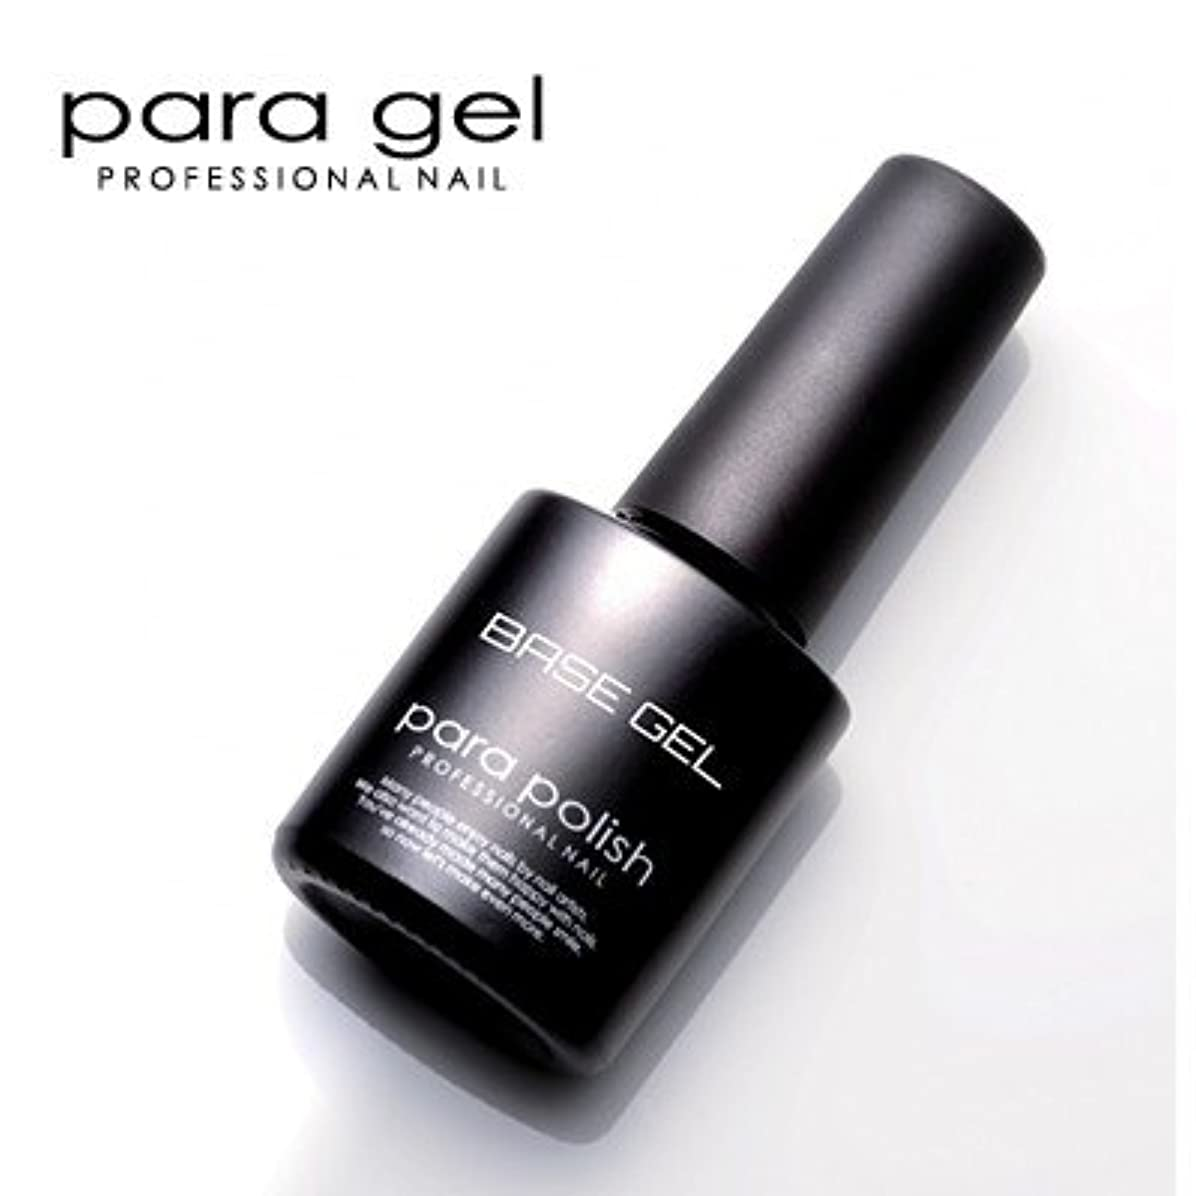 裁判官全滅させる敏感なパラジェル para polish(パラポリッシュ) ベースジェル 7g